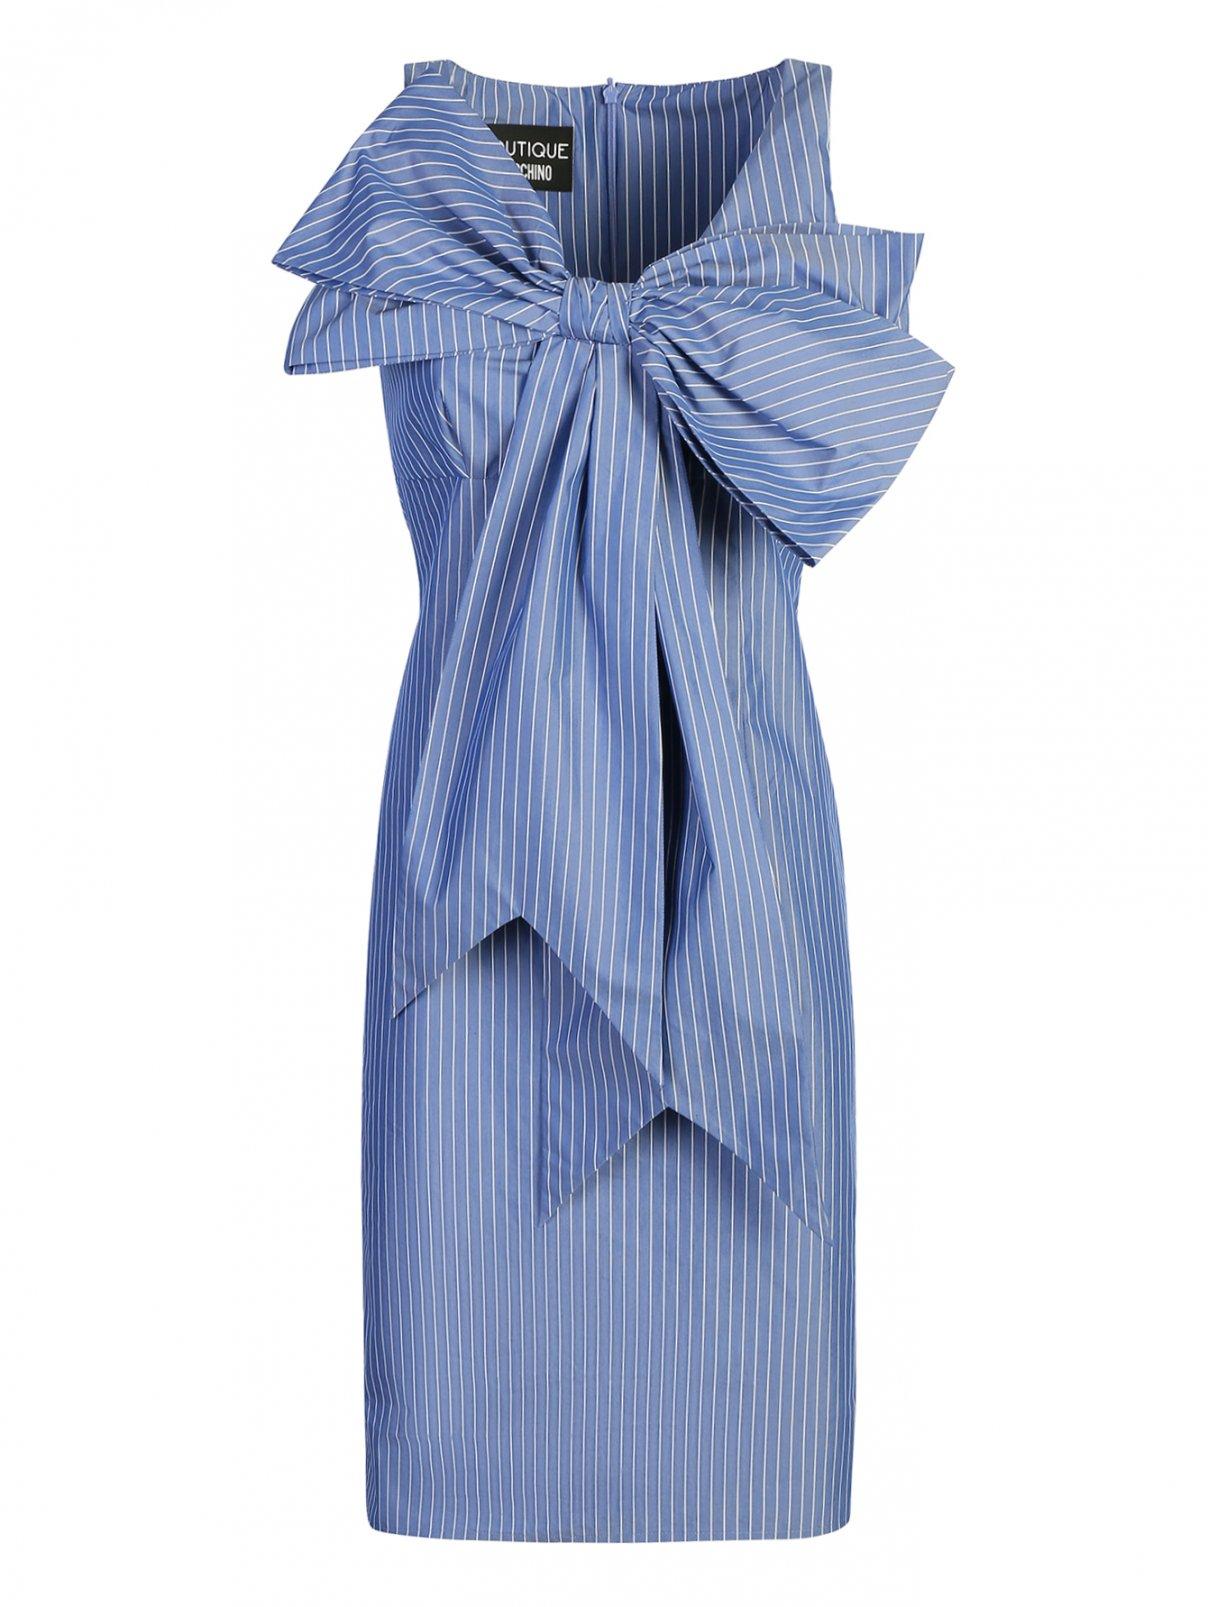 Платье из хлопка с узором полоска Moschino Boutique  –  Общий вид